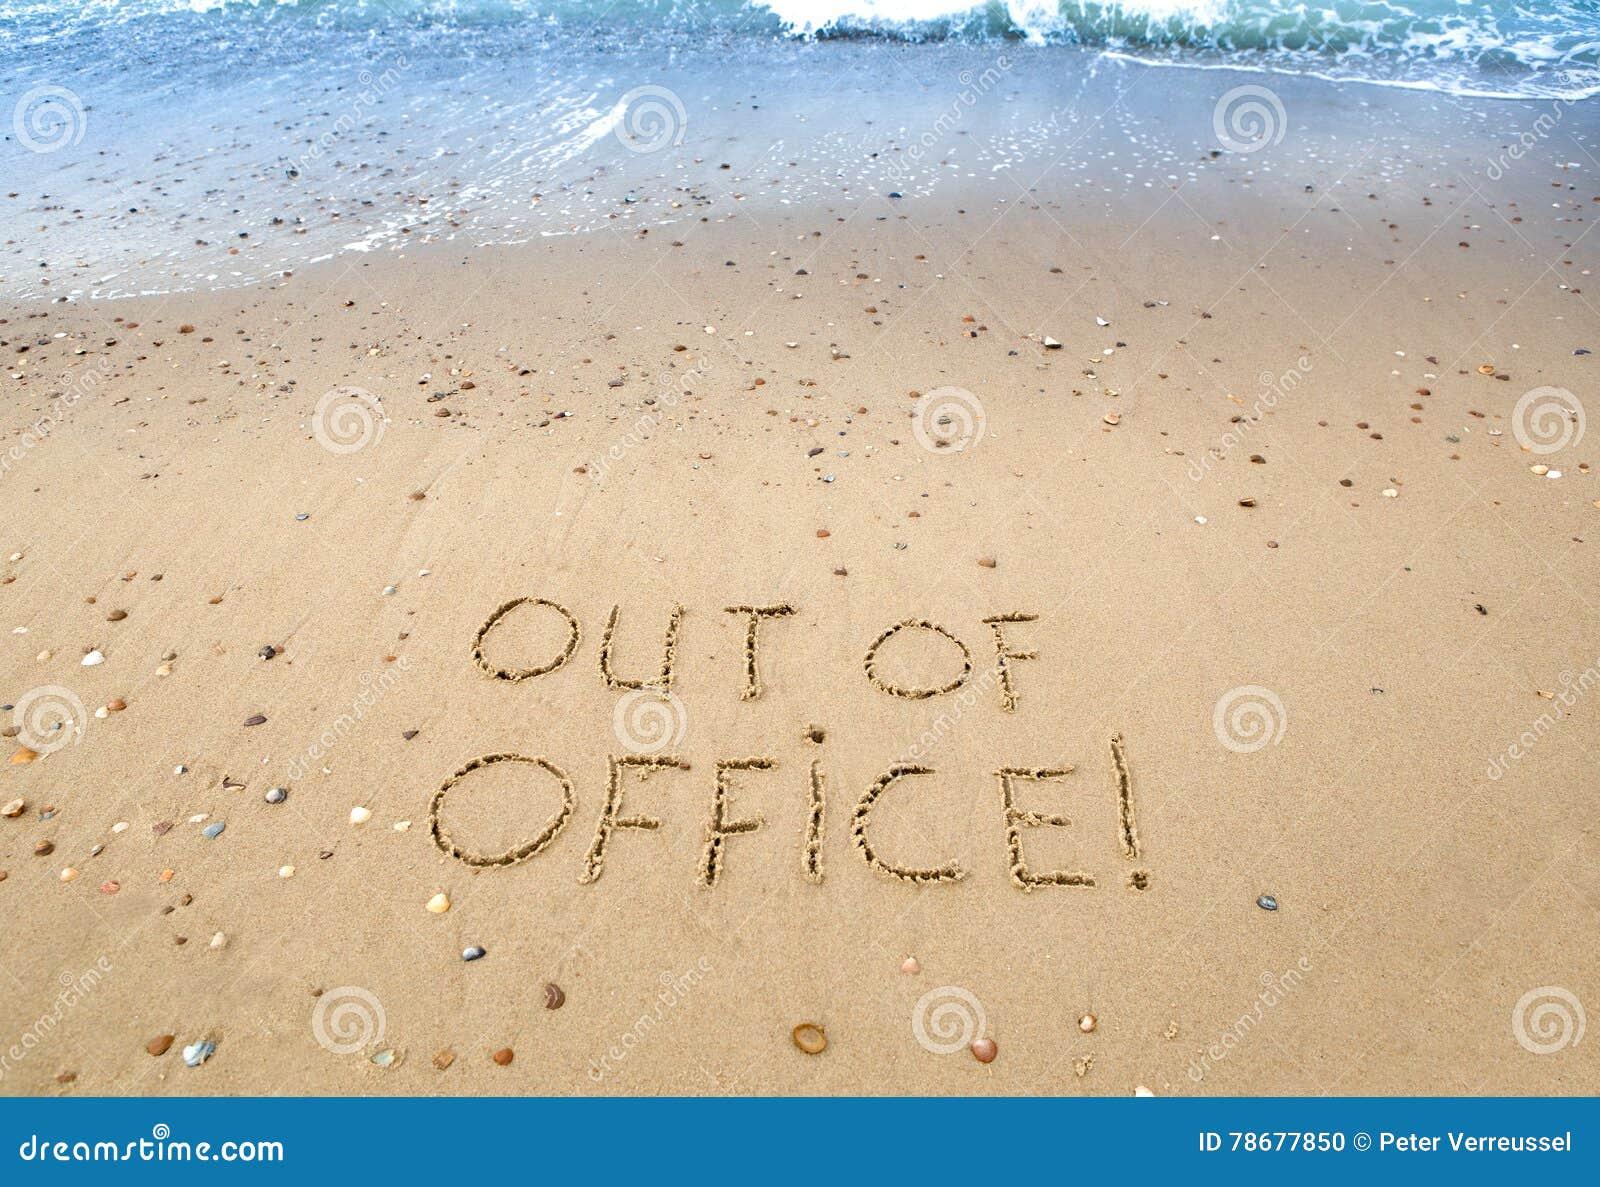 Fuera de oficina foto de archivo imagen de holiday for Fuera de oficina gmail